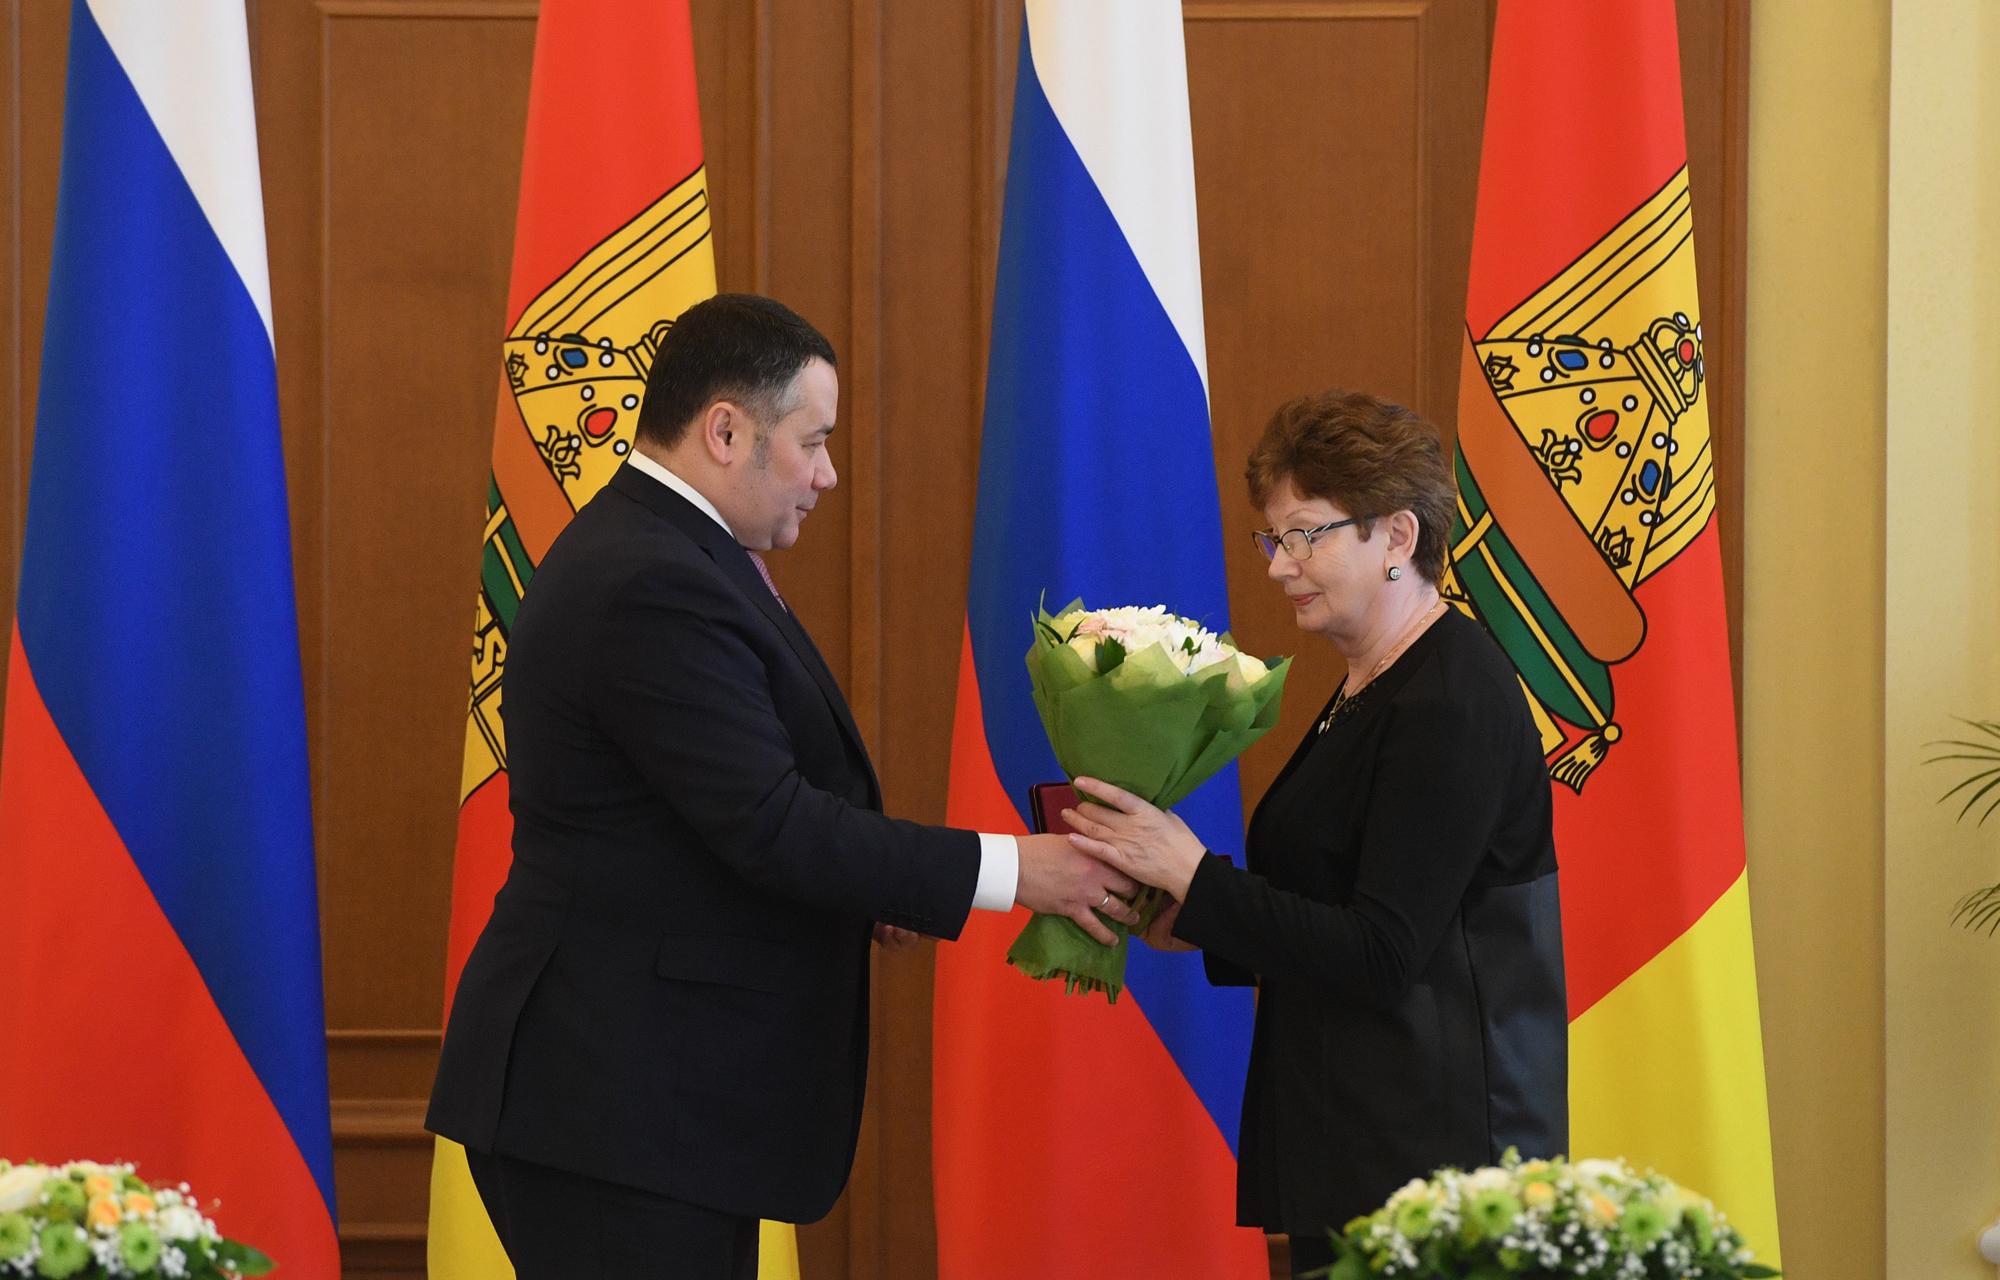 Губернатор Игорь Руденя в преддверии Международного женского дня наградил жительниц Верхневолжья